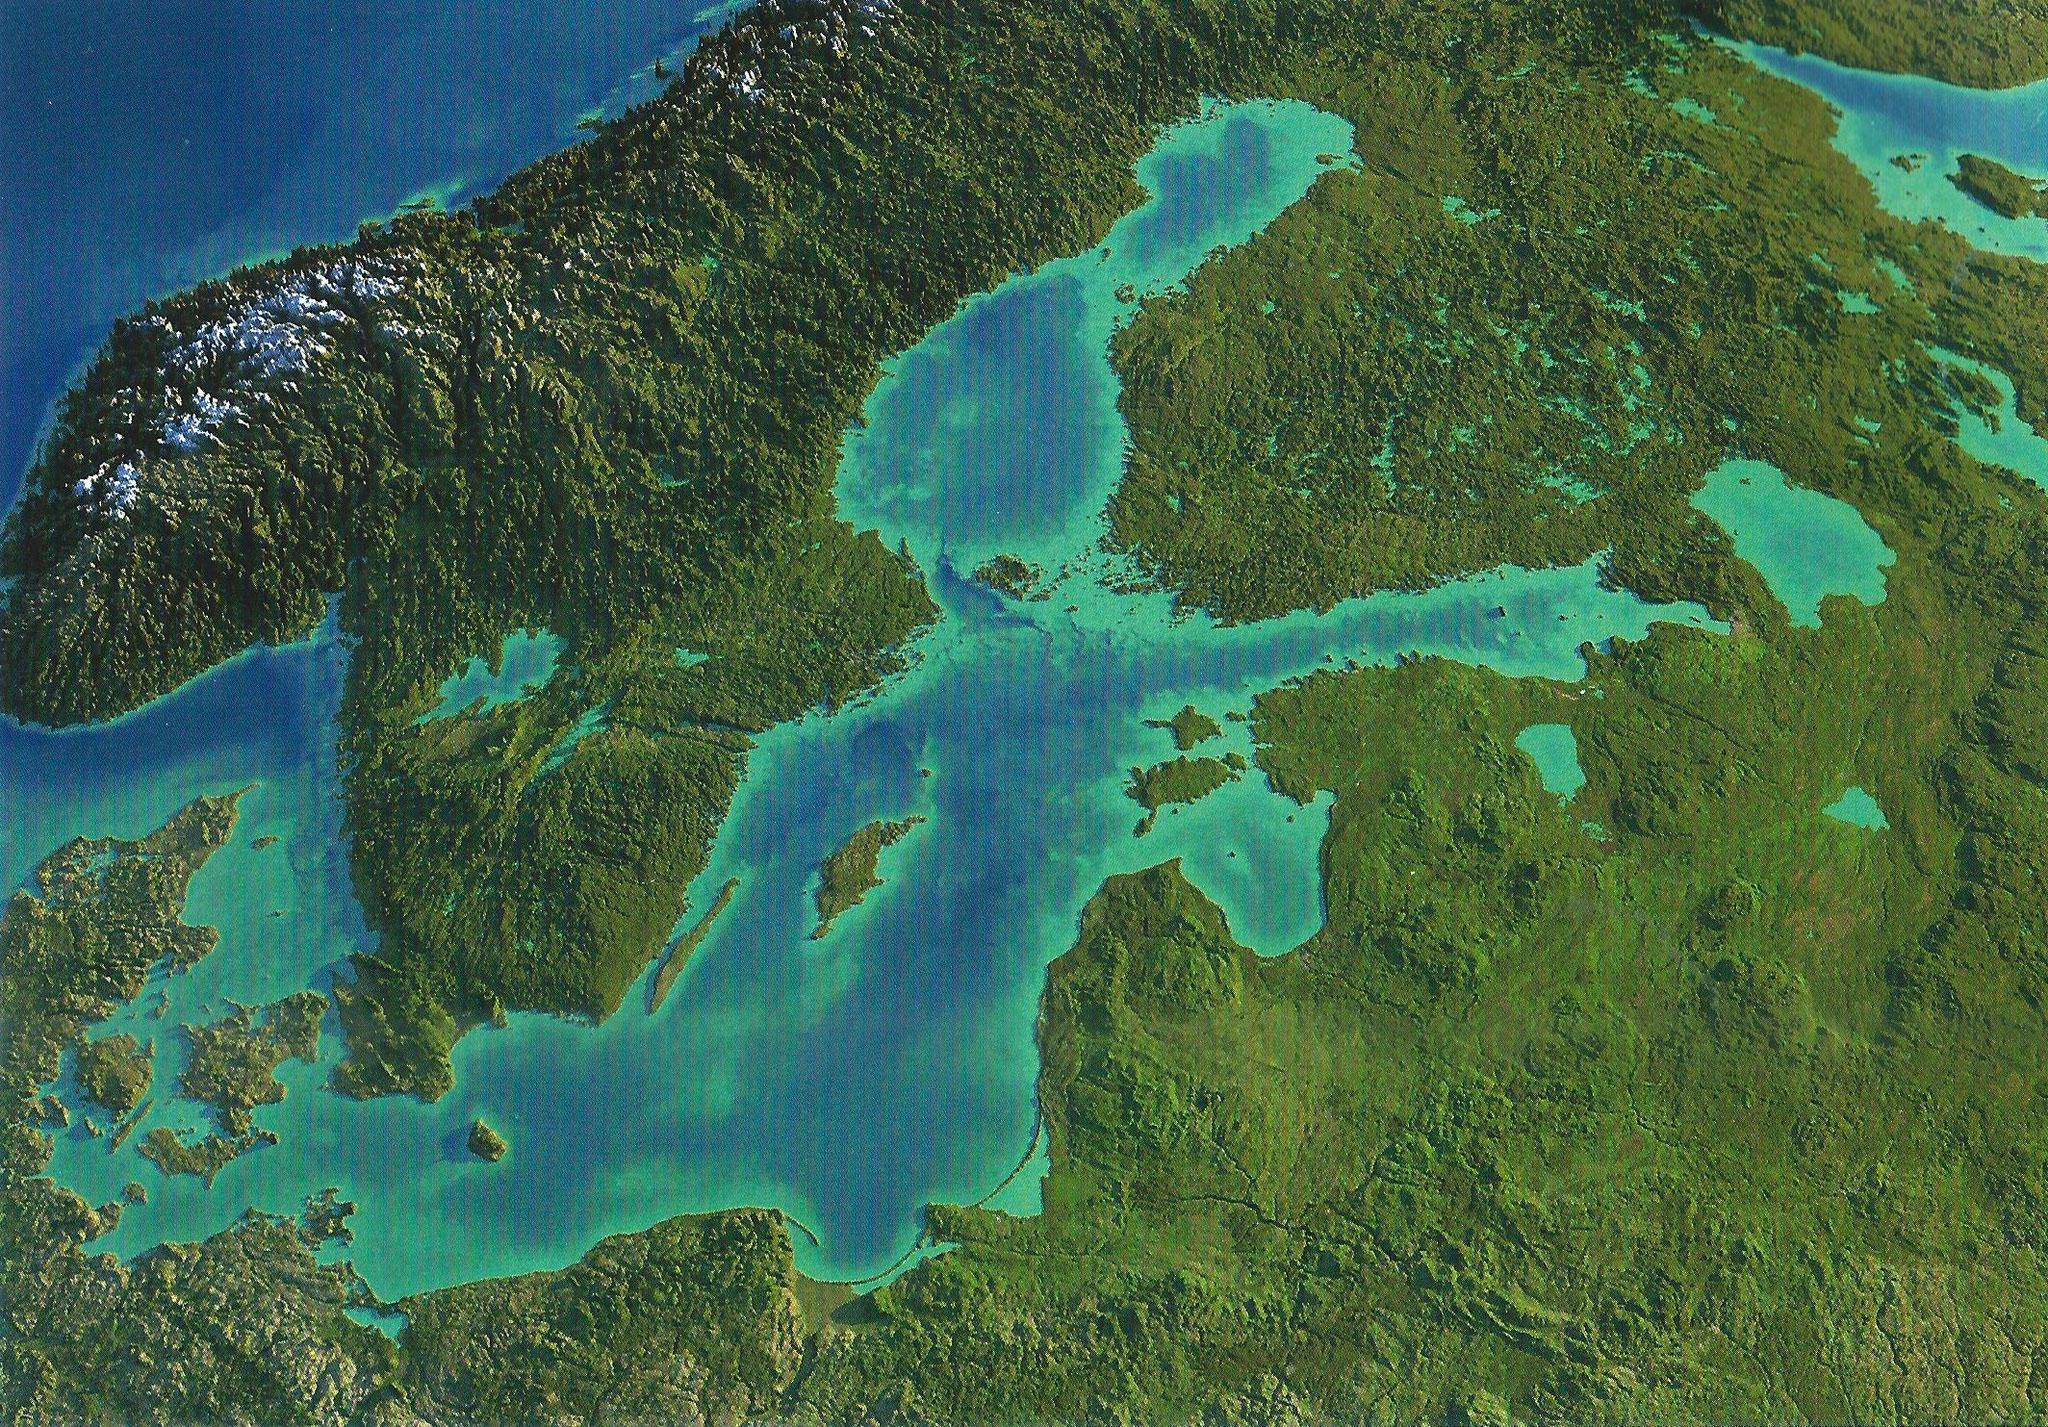 Einzig von Dahme aus gibt es die längste Strecke offenen Meers in der Ostsee - bis hin zum Baltikum